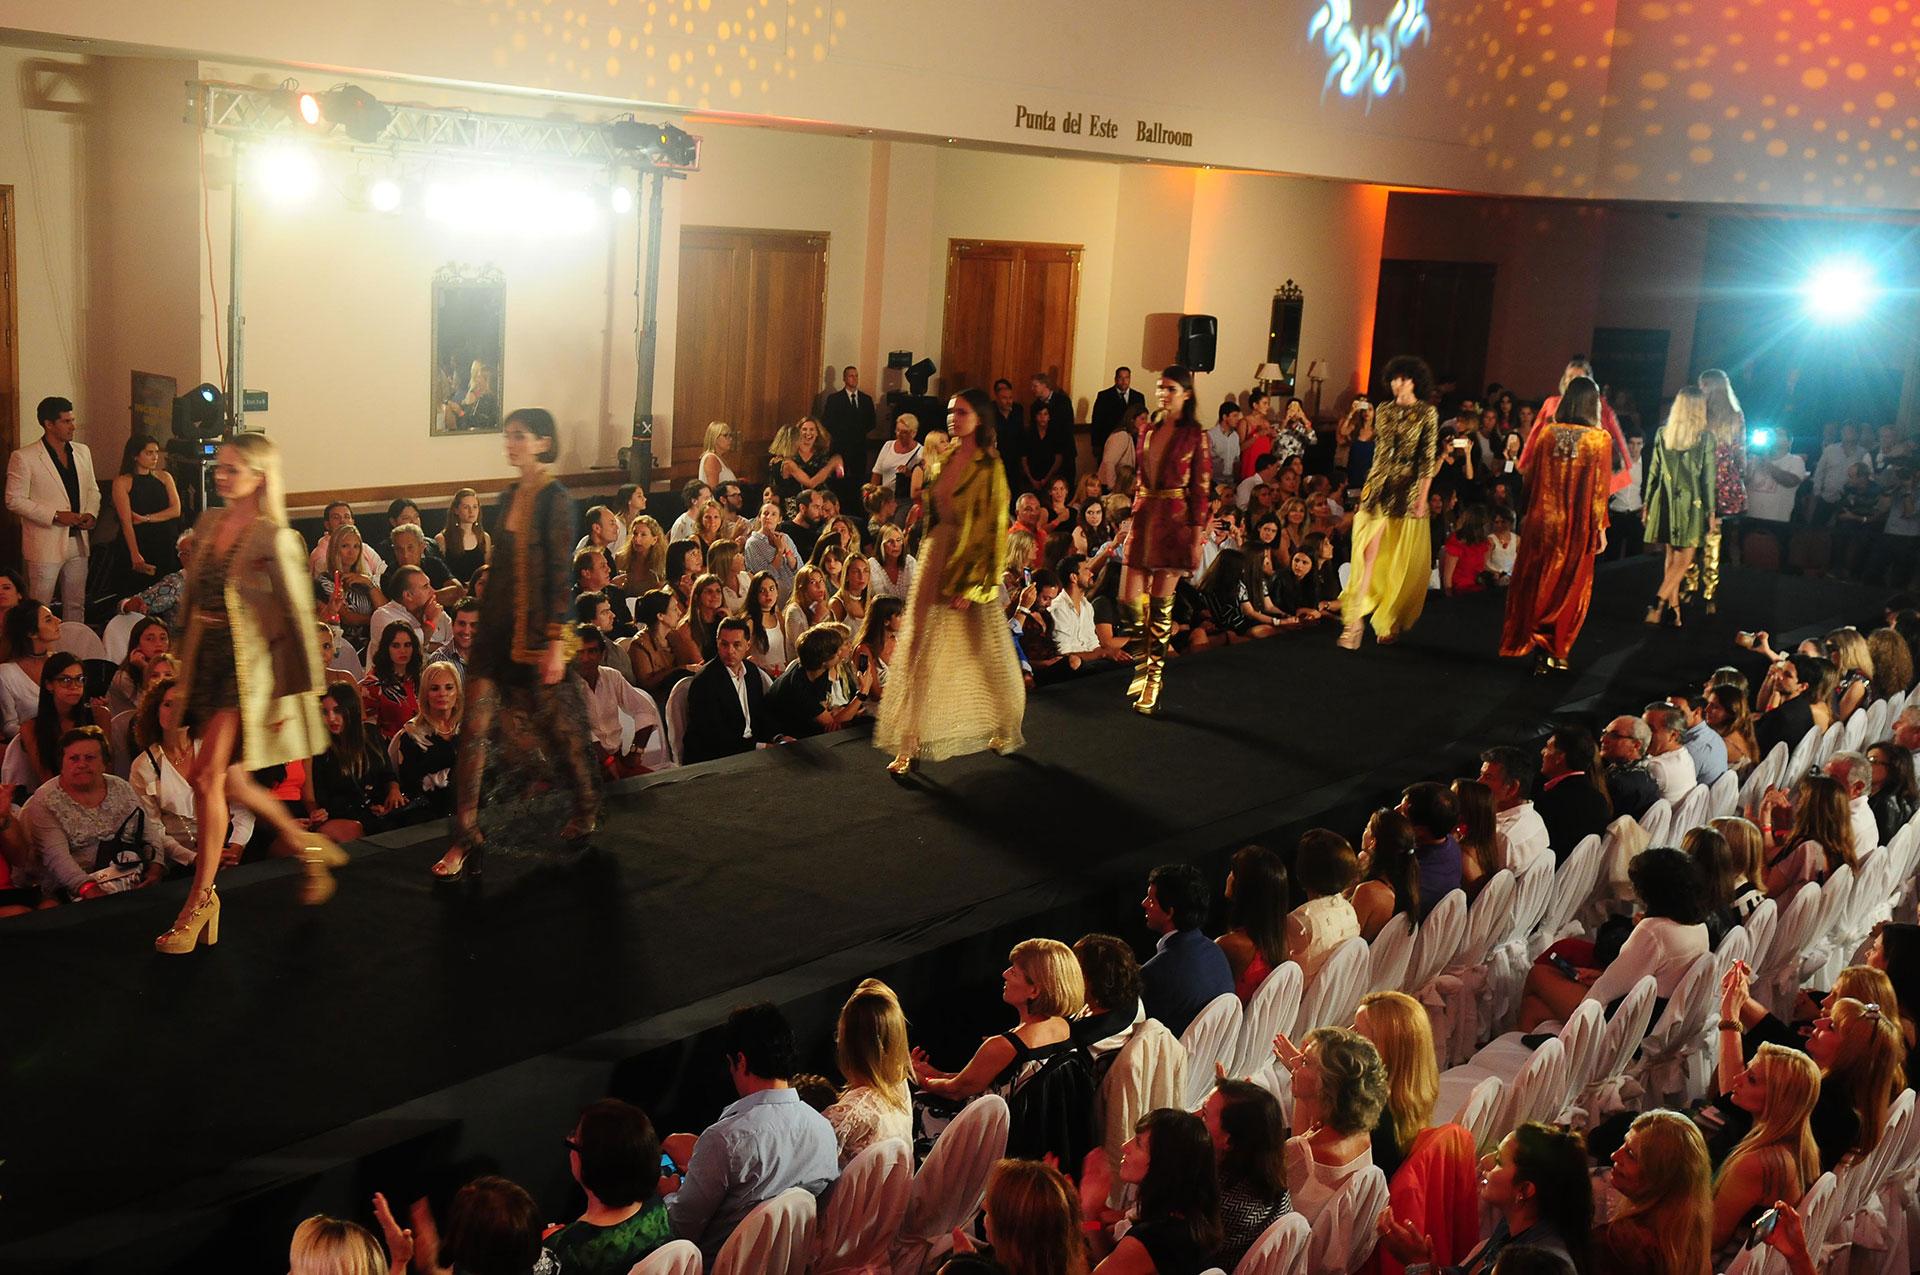 La primera edición del Enjoy Fashion Luxury, uno de los eventos de moda más importantes de la región y de la temporada esteña, tuvo lugar en uno de los mejores escenarios del verano, el hotel Enjoy Punta del Este